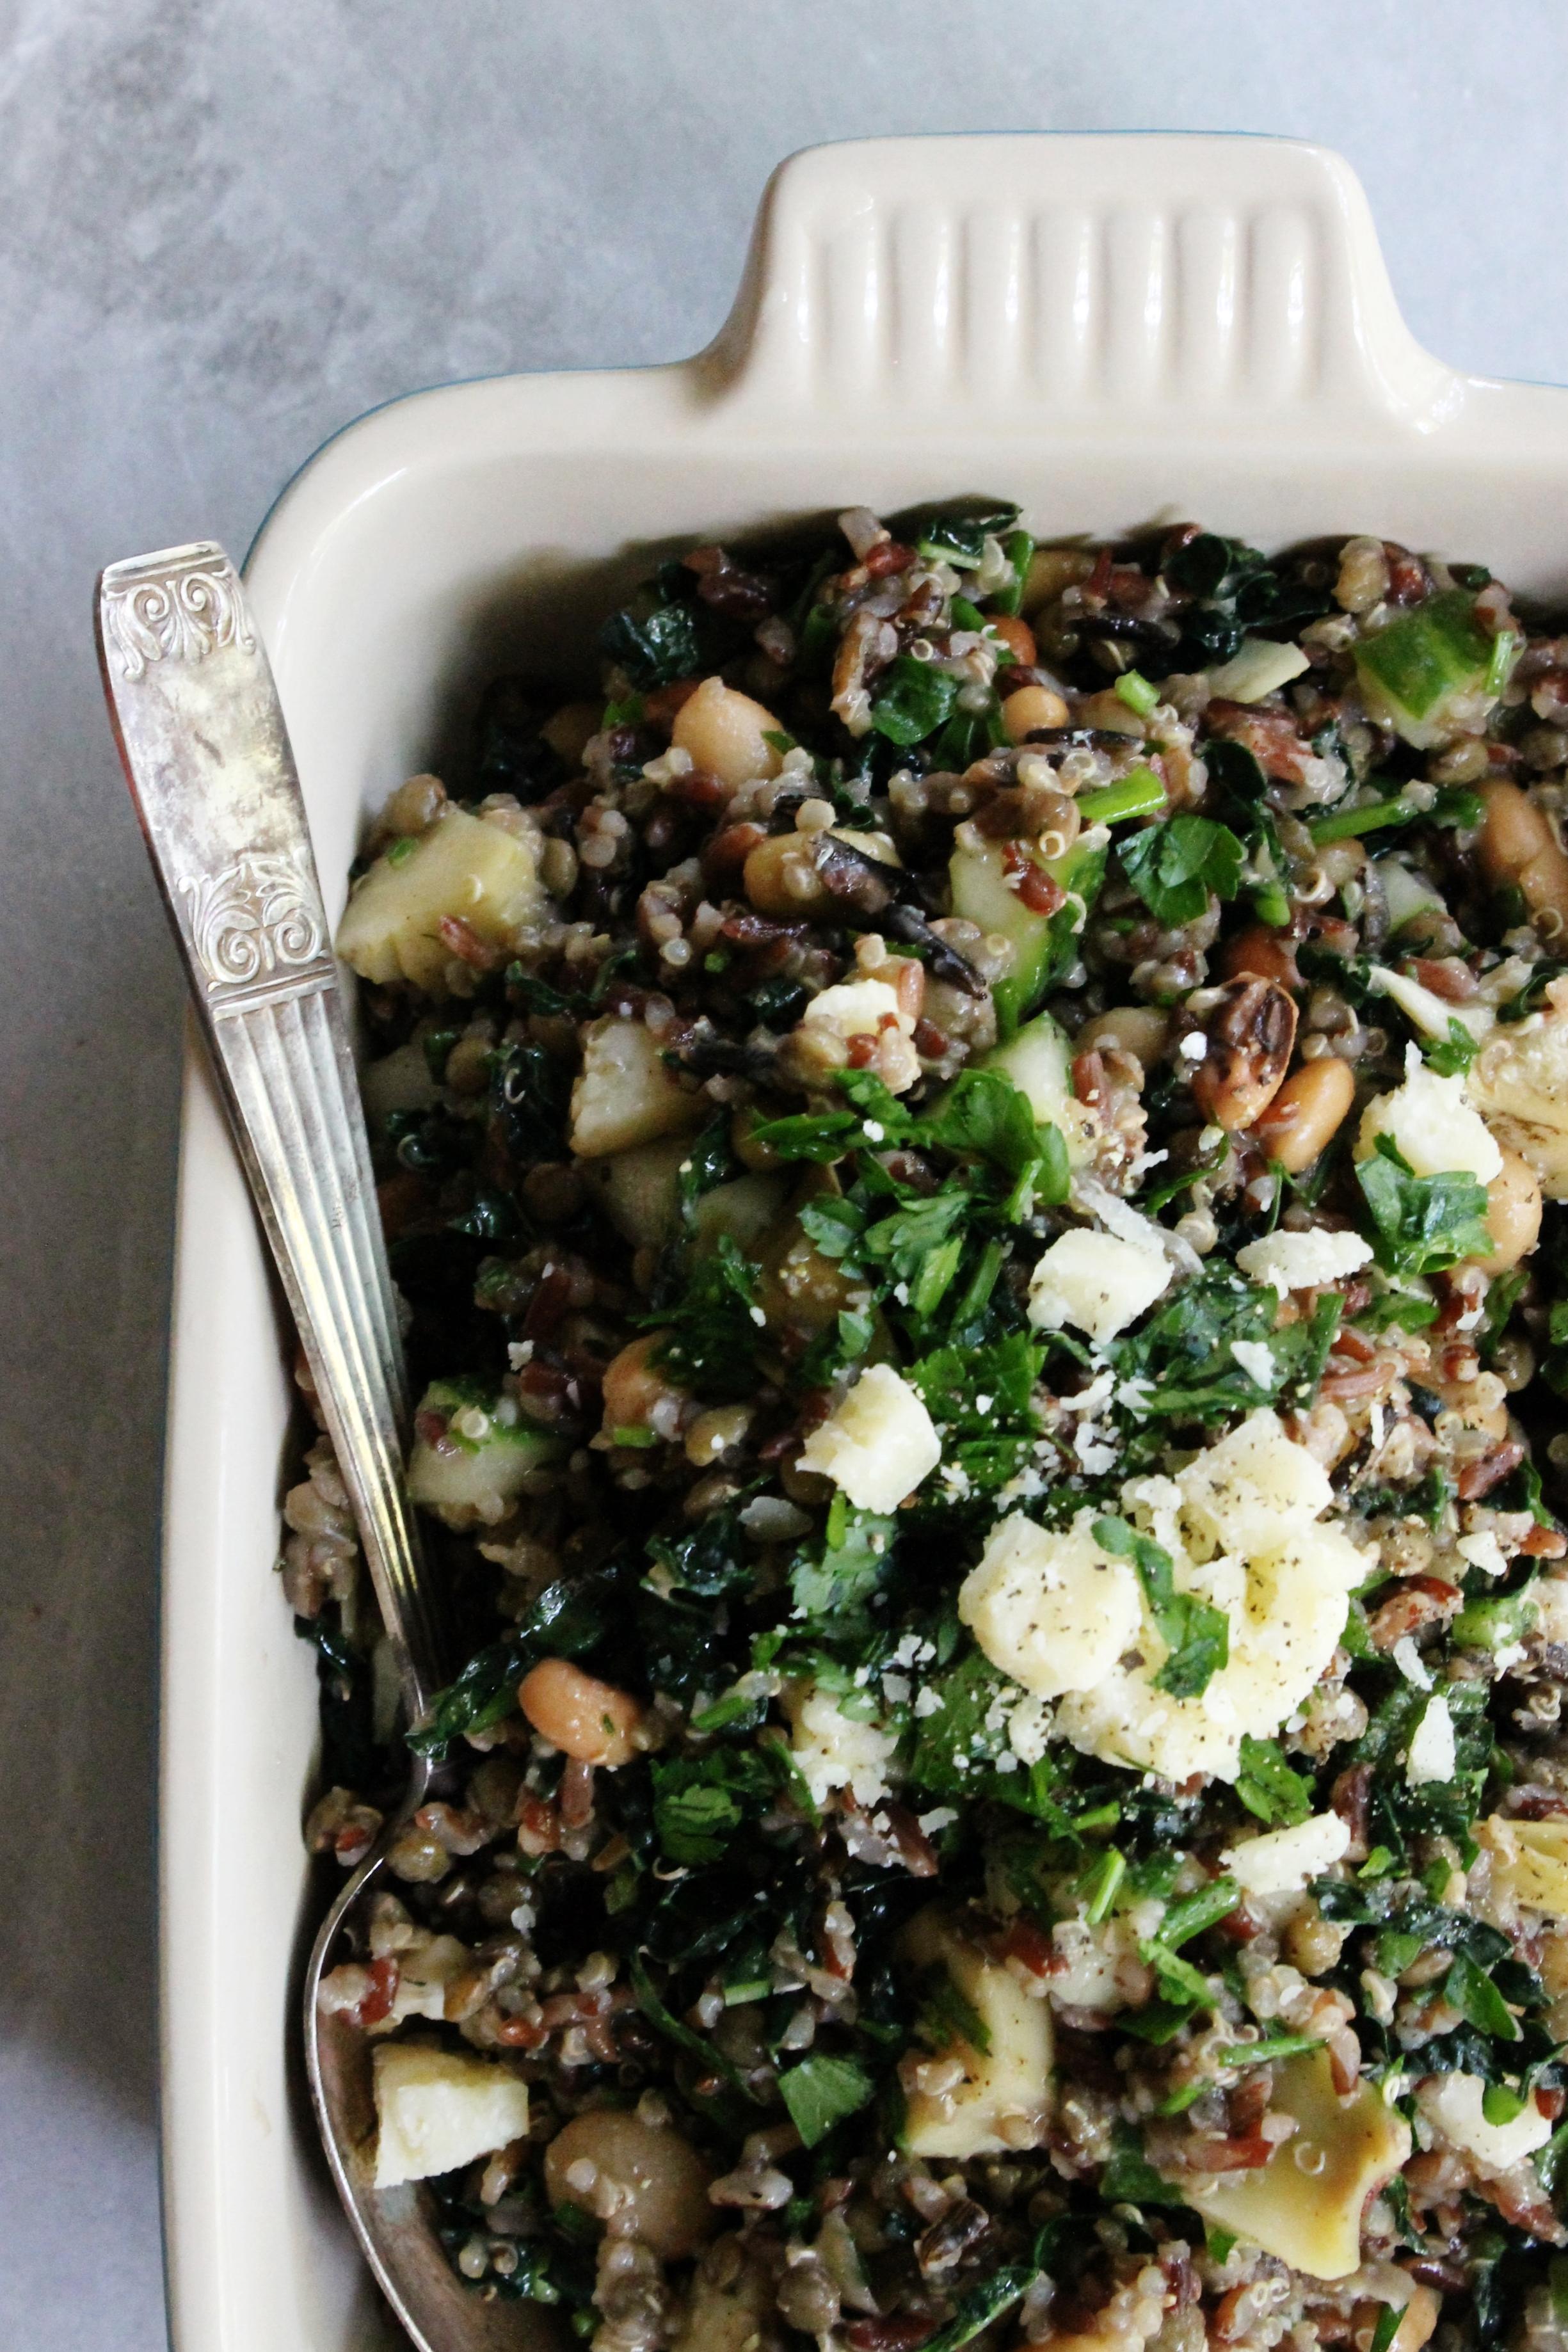 Loaded supergrain salad | Beloved Kitchen